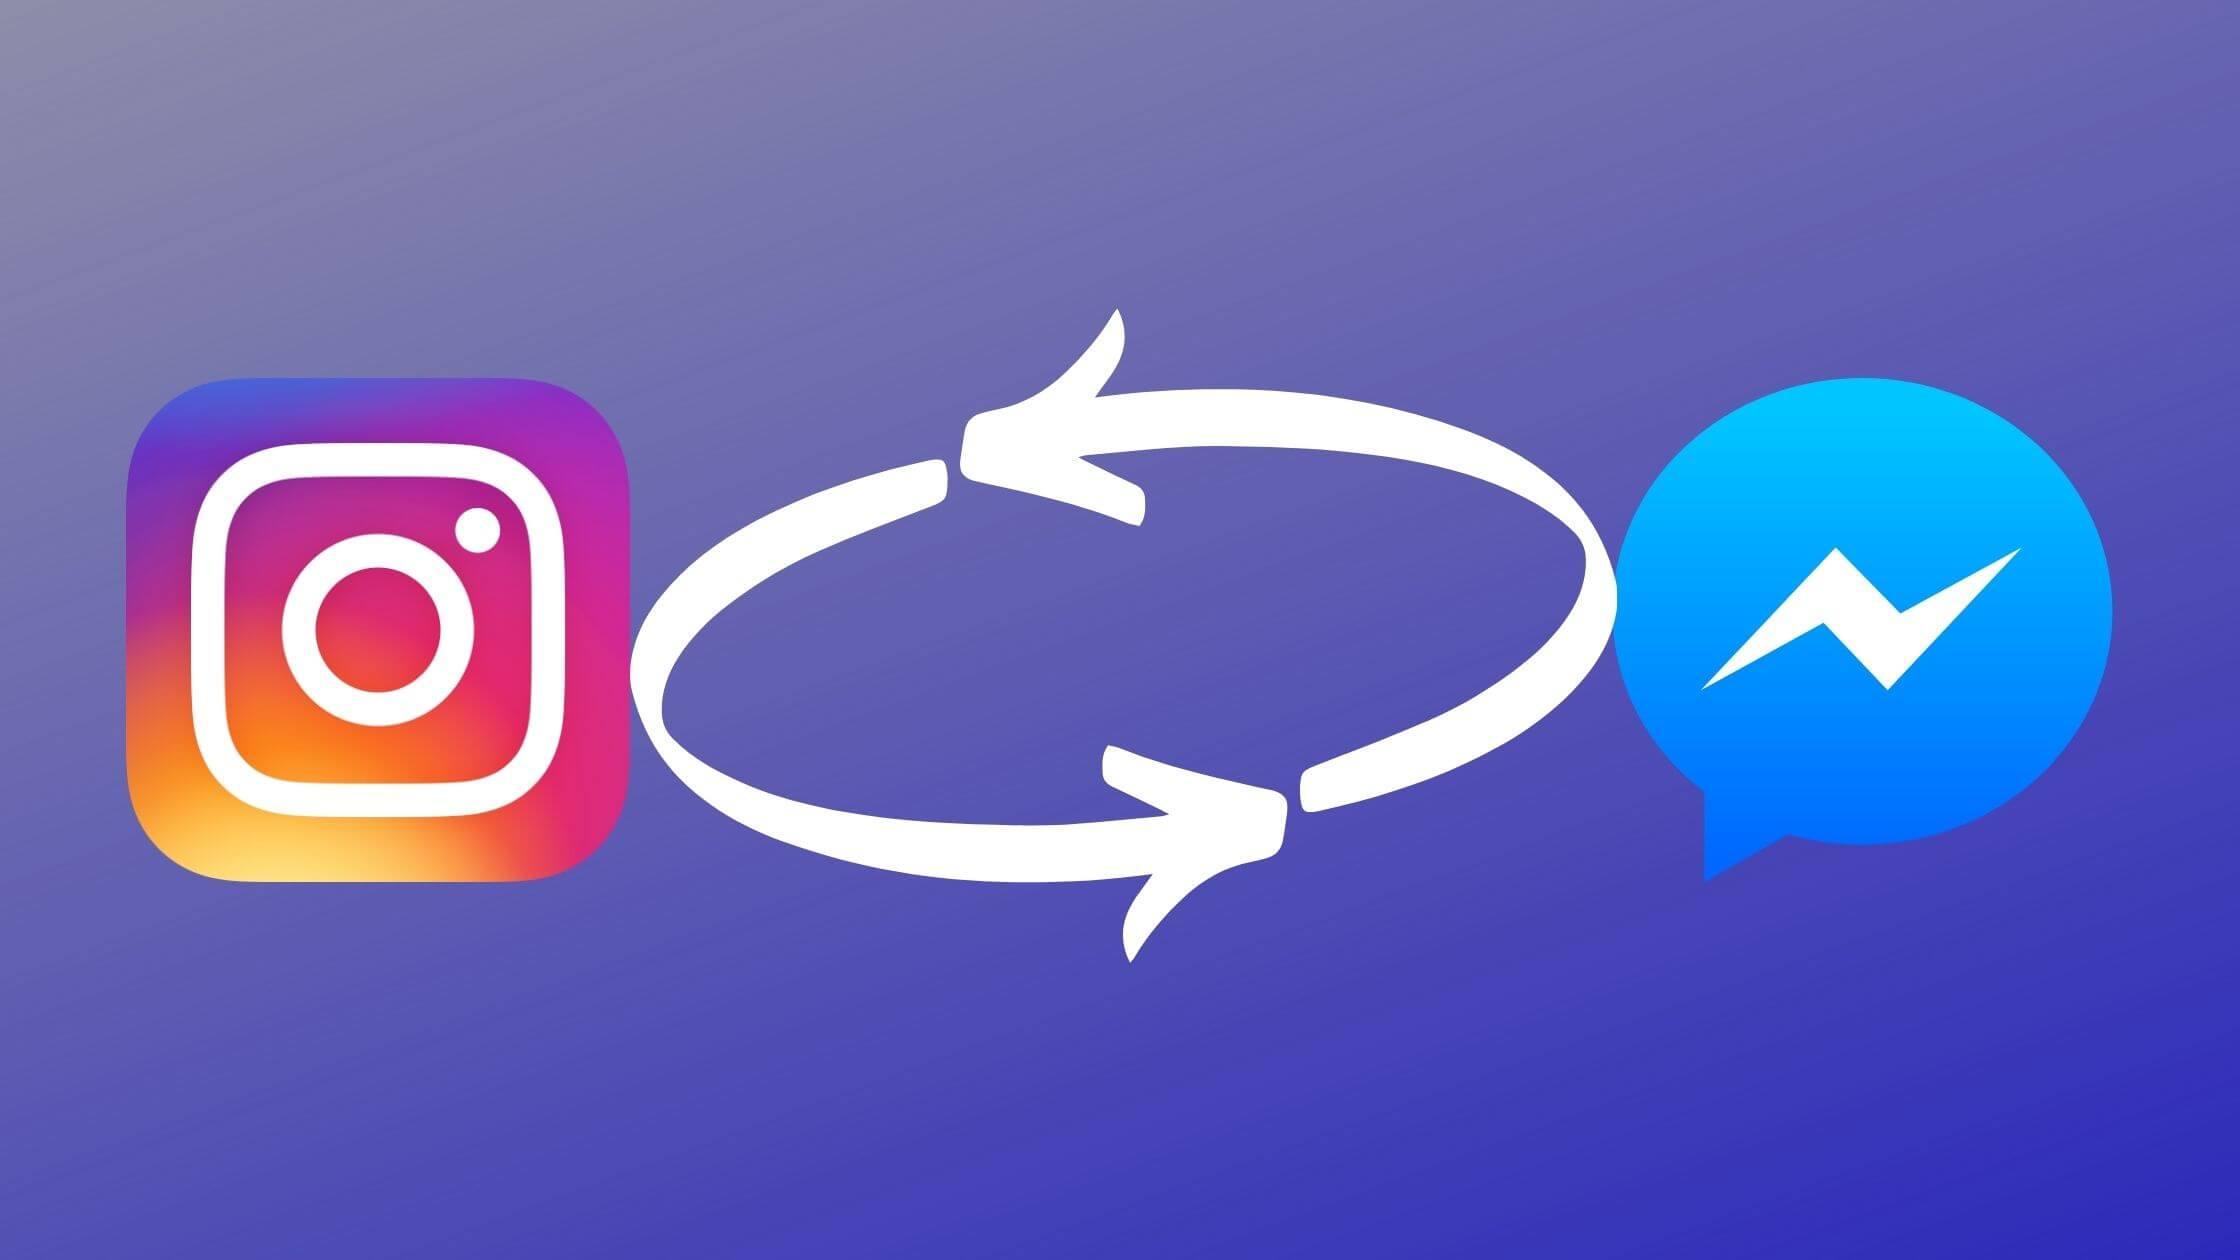 integracao entre instagram e messenger já é realidade